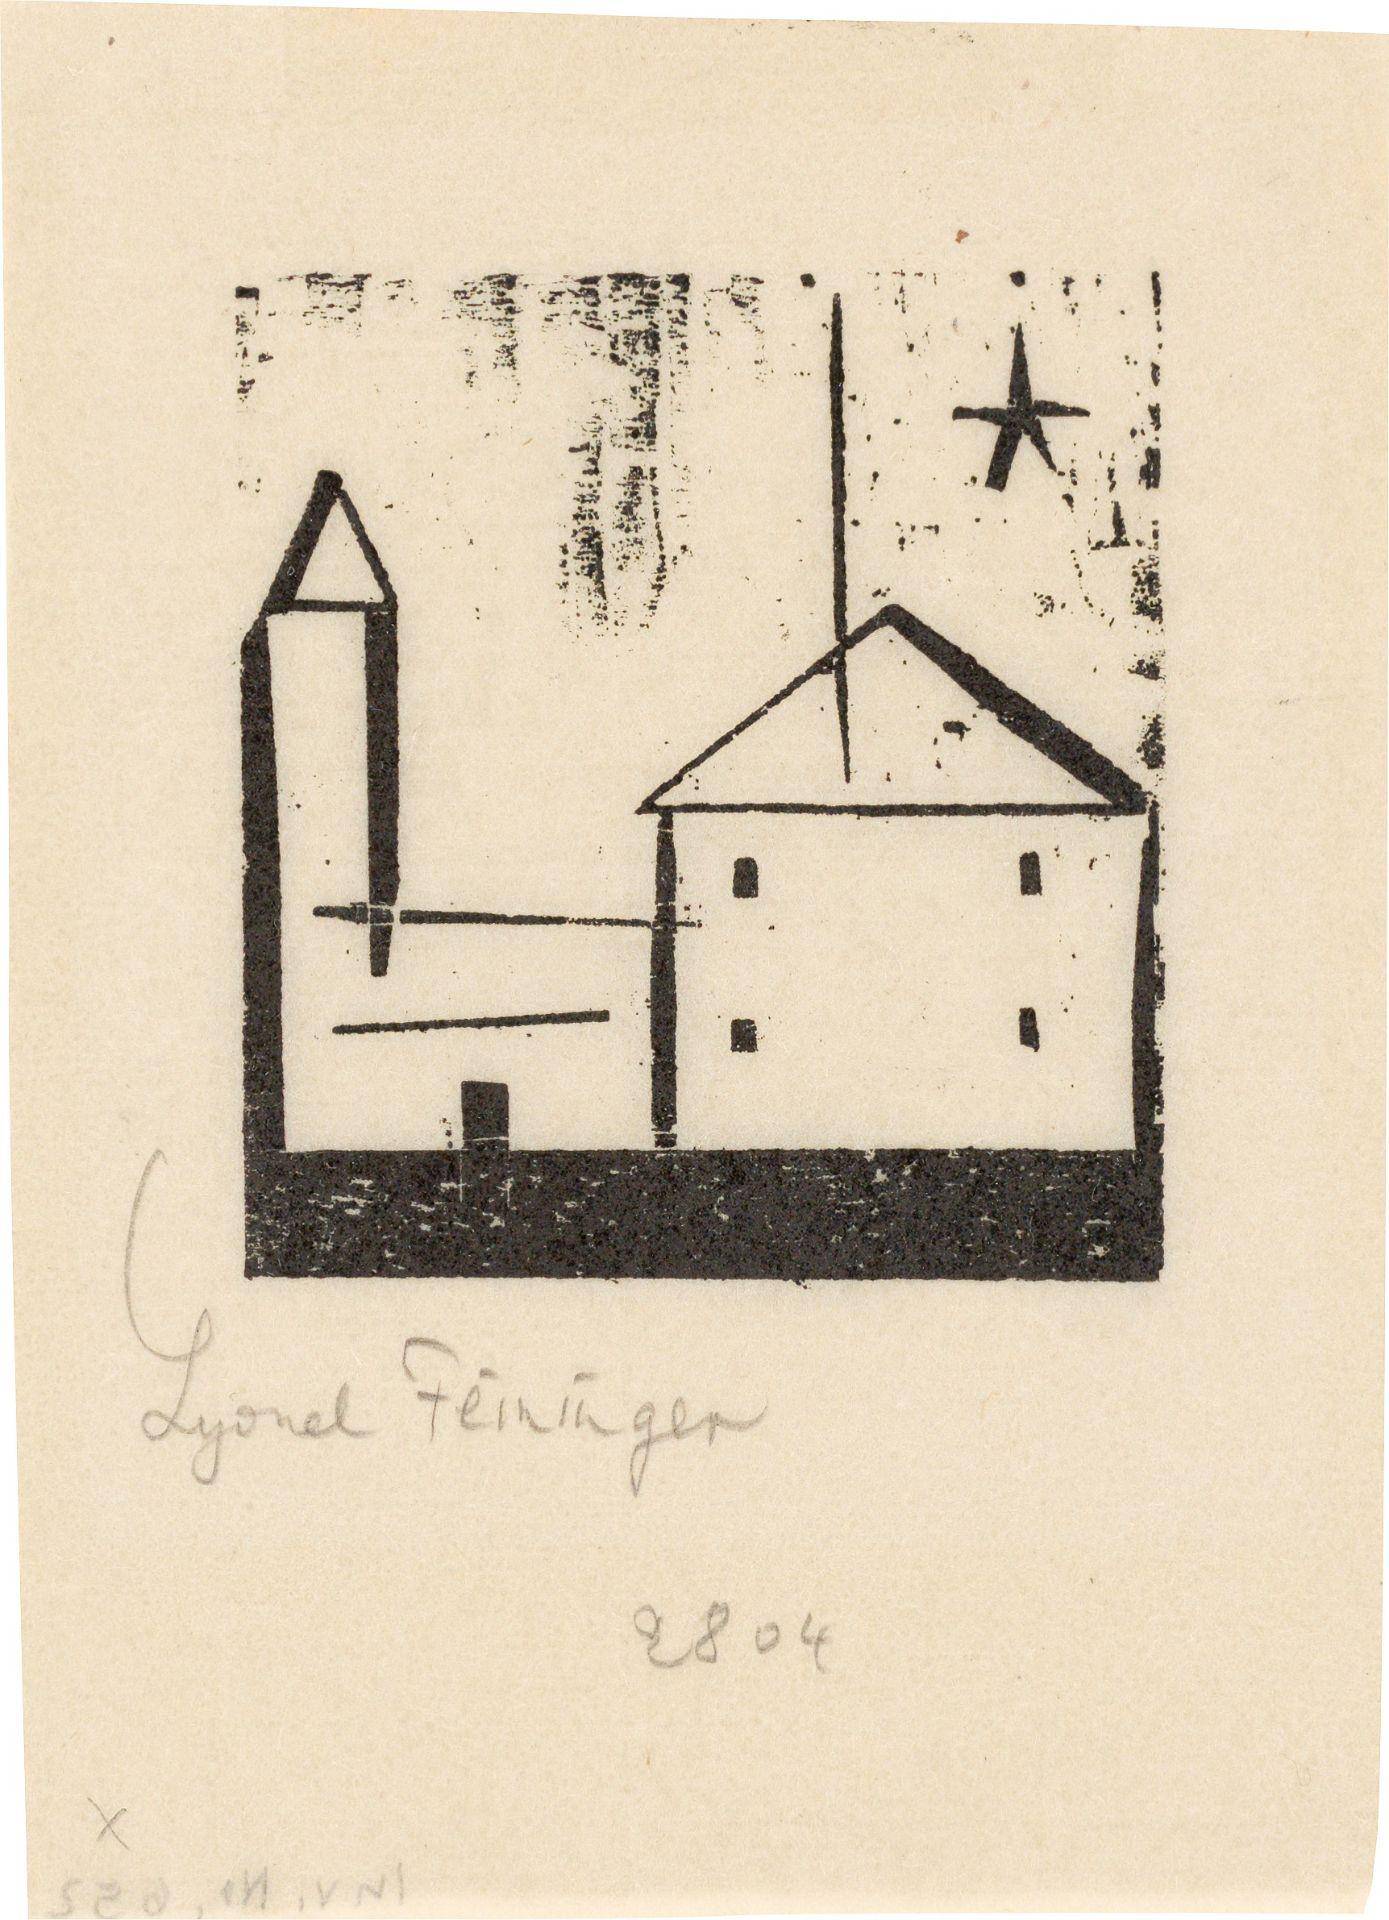 Los 1146 - Lyonel Feininger (1871 – New York – 1956)